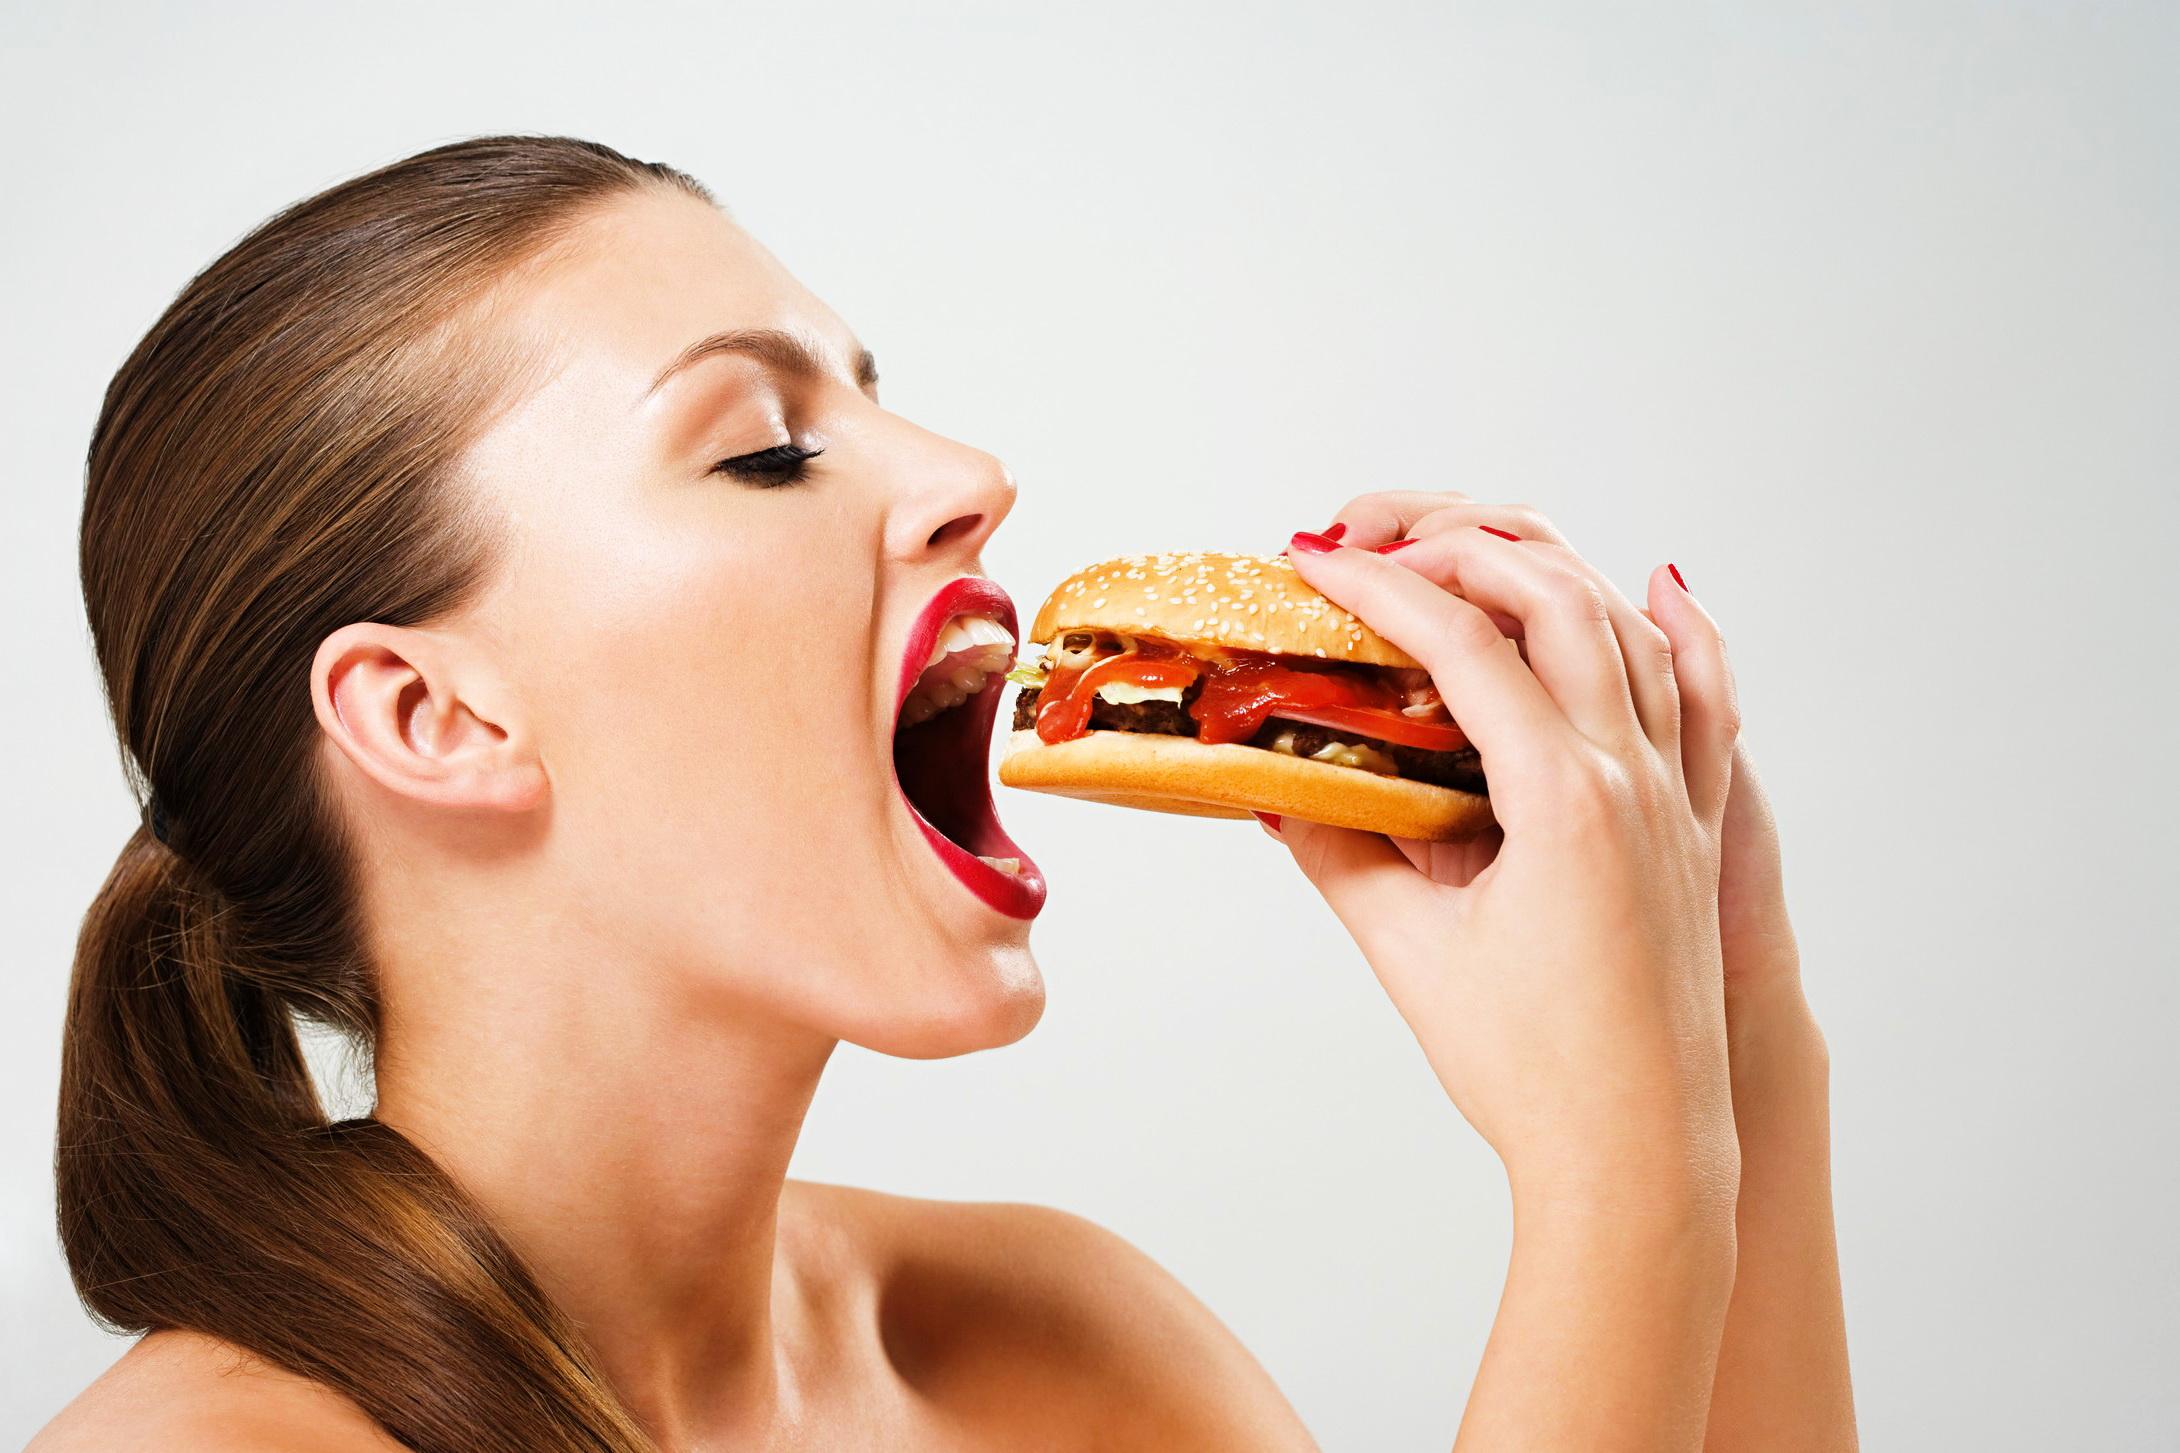 тренировочная программа для похудения